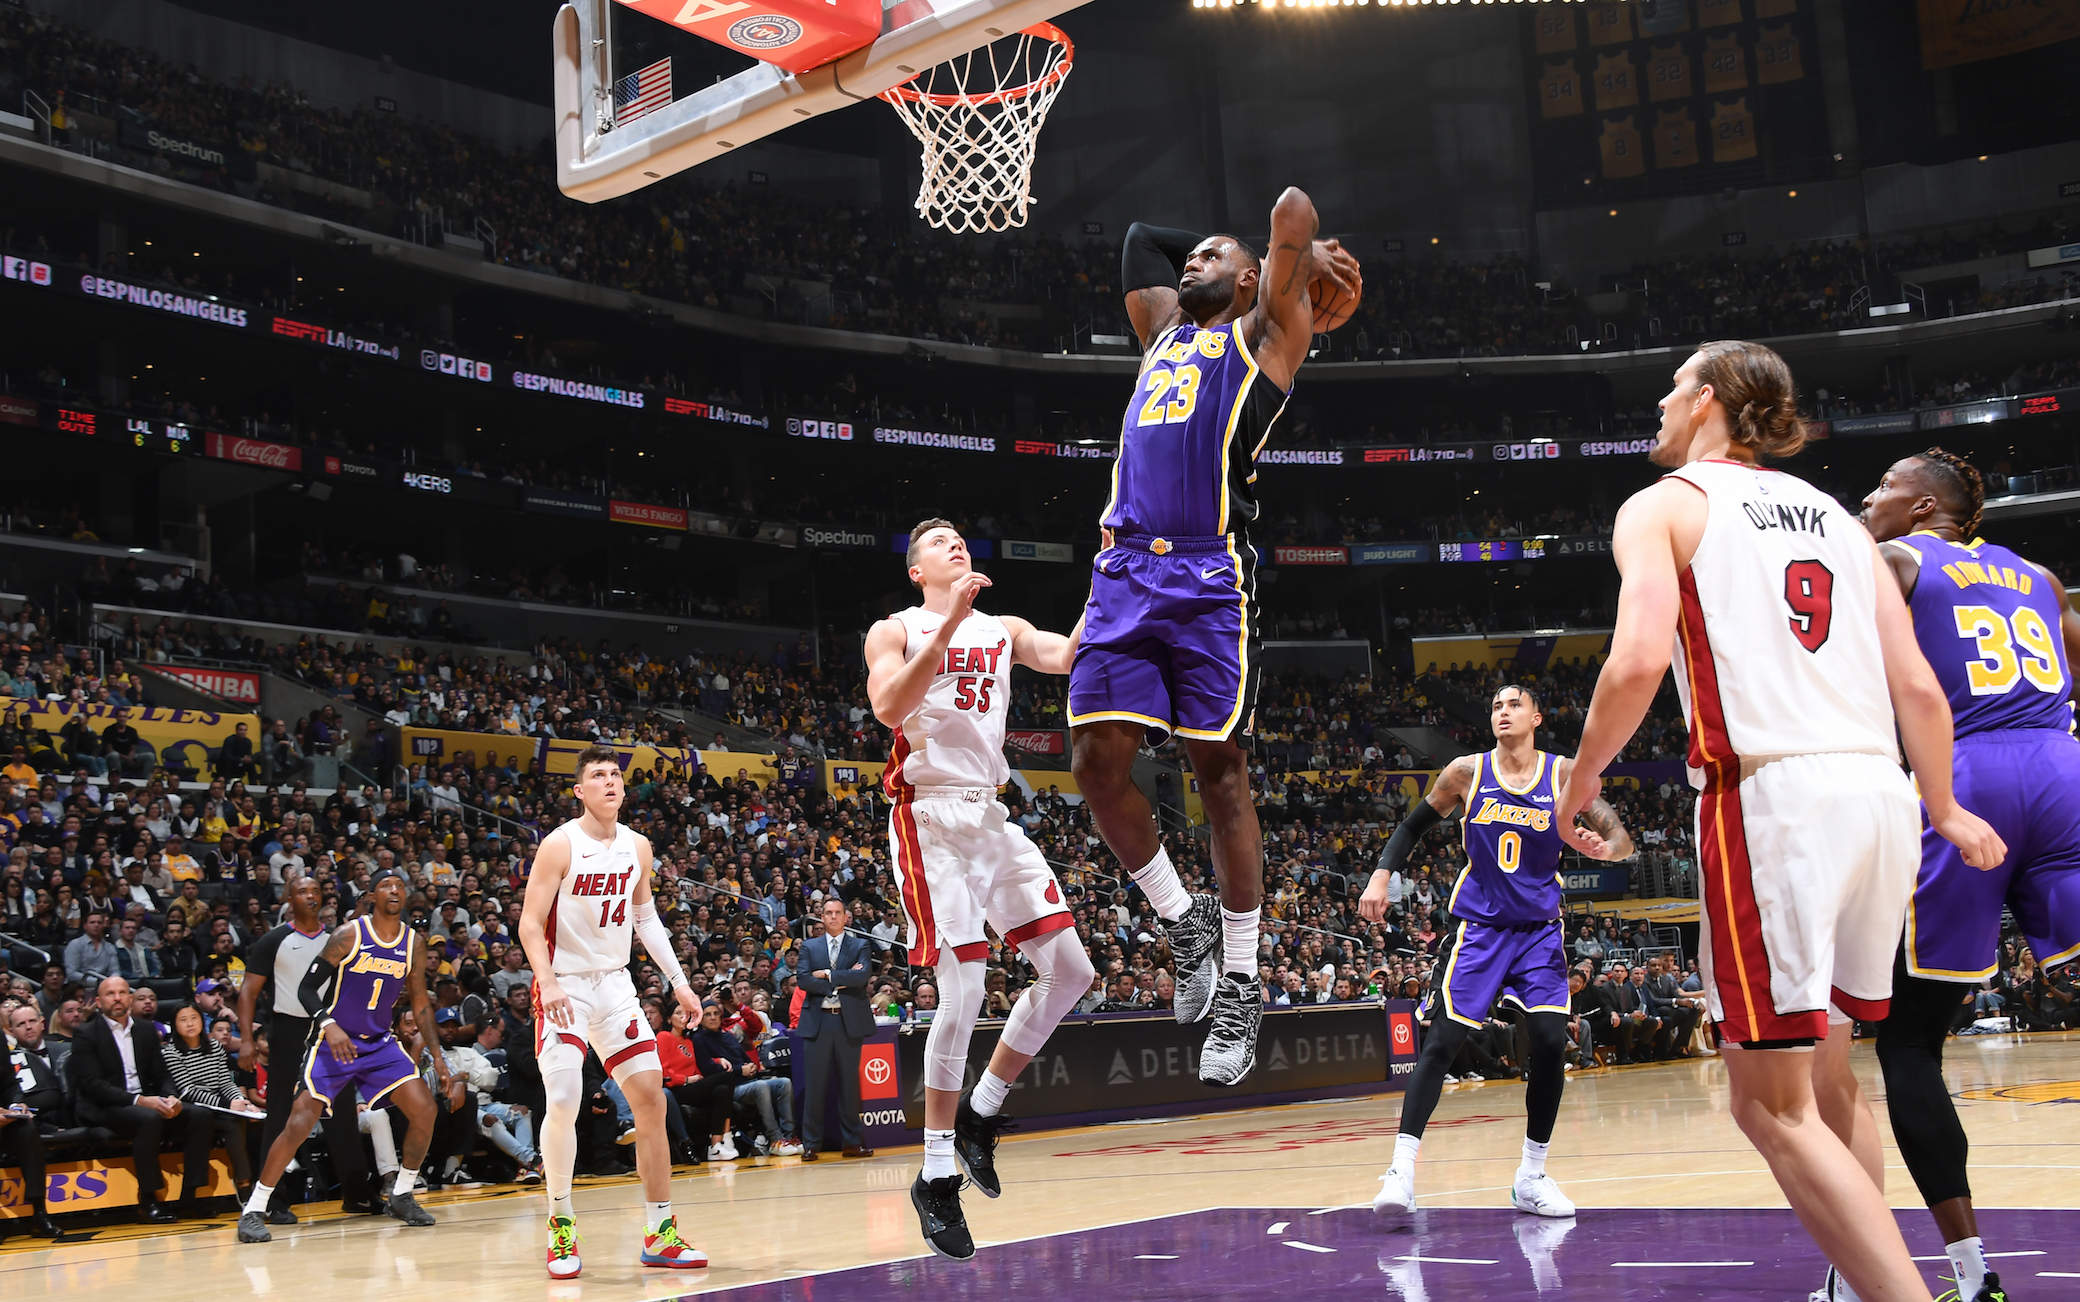 NBA, risultati della notte: Lakers 7 vittorie in fila, Melli titolare ma ...